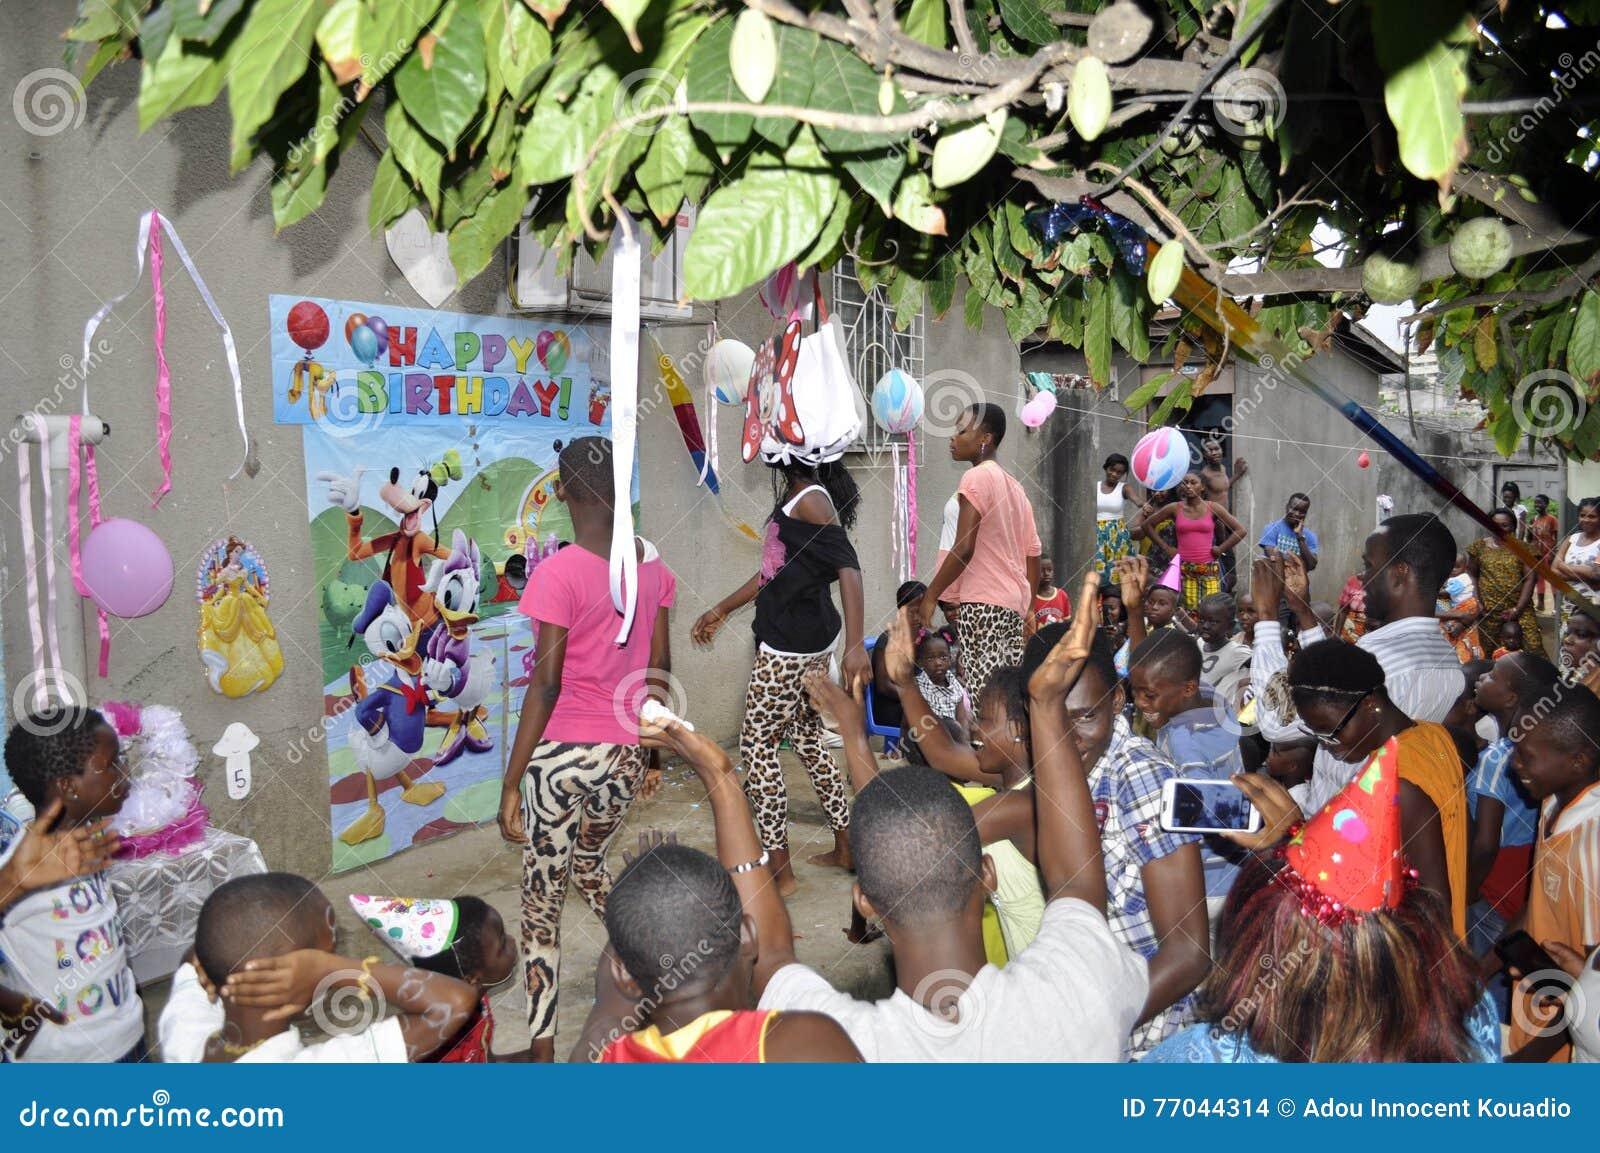 images de la culture africaine